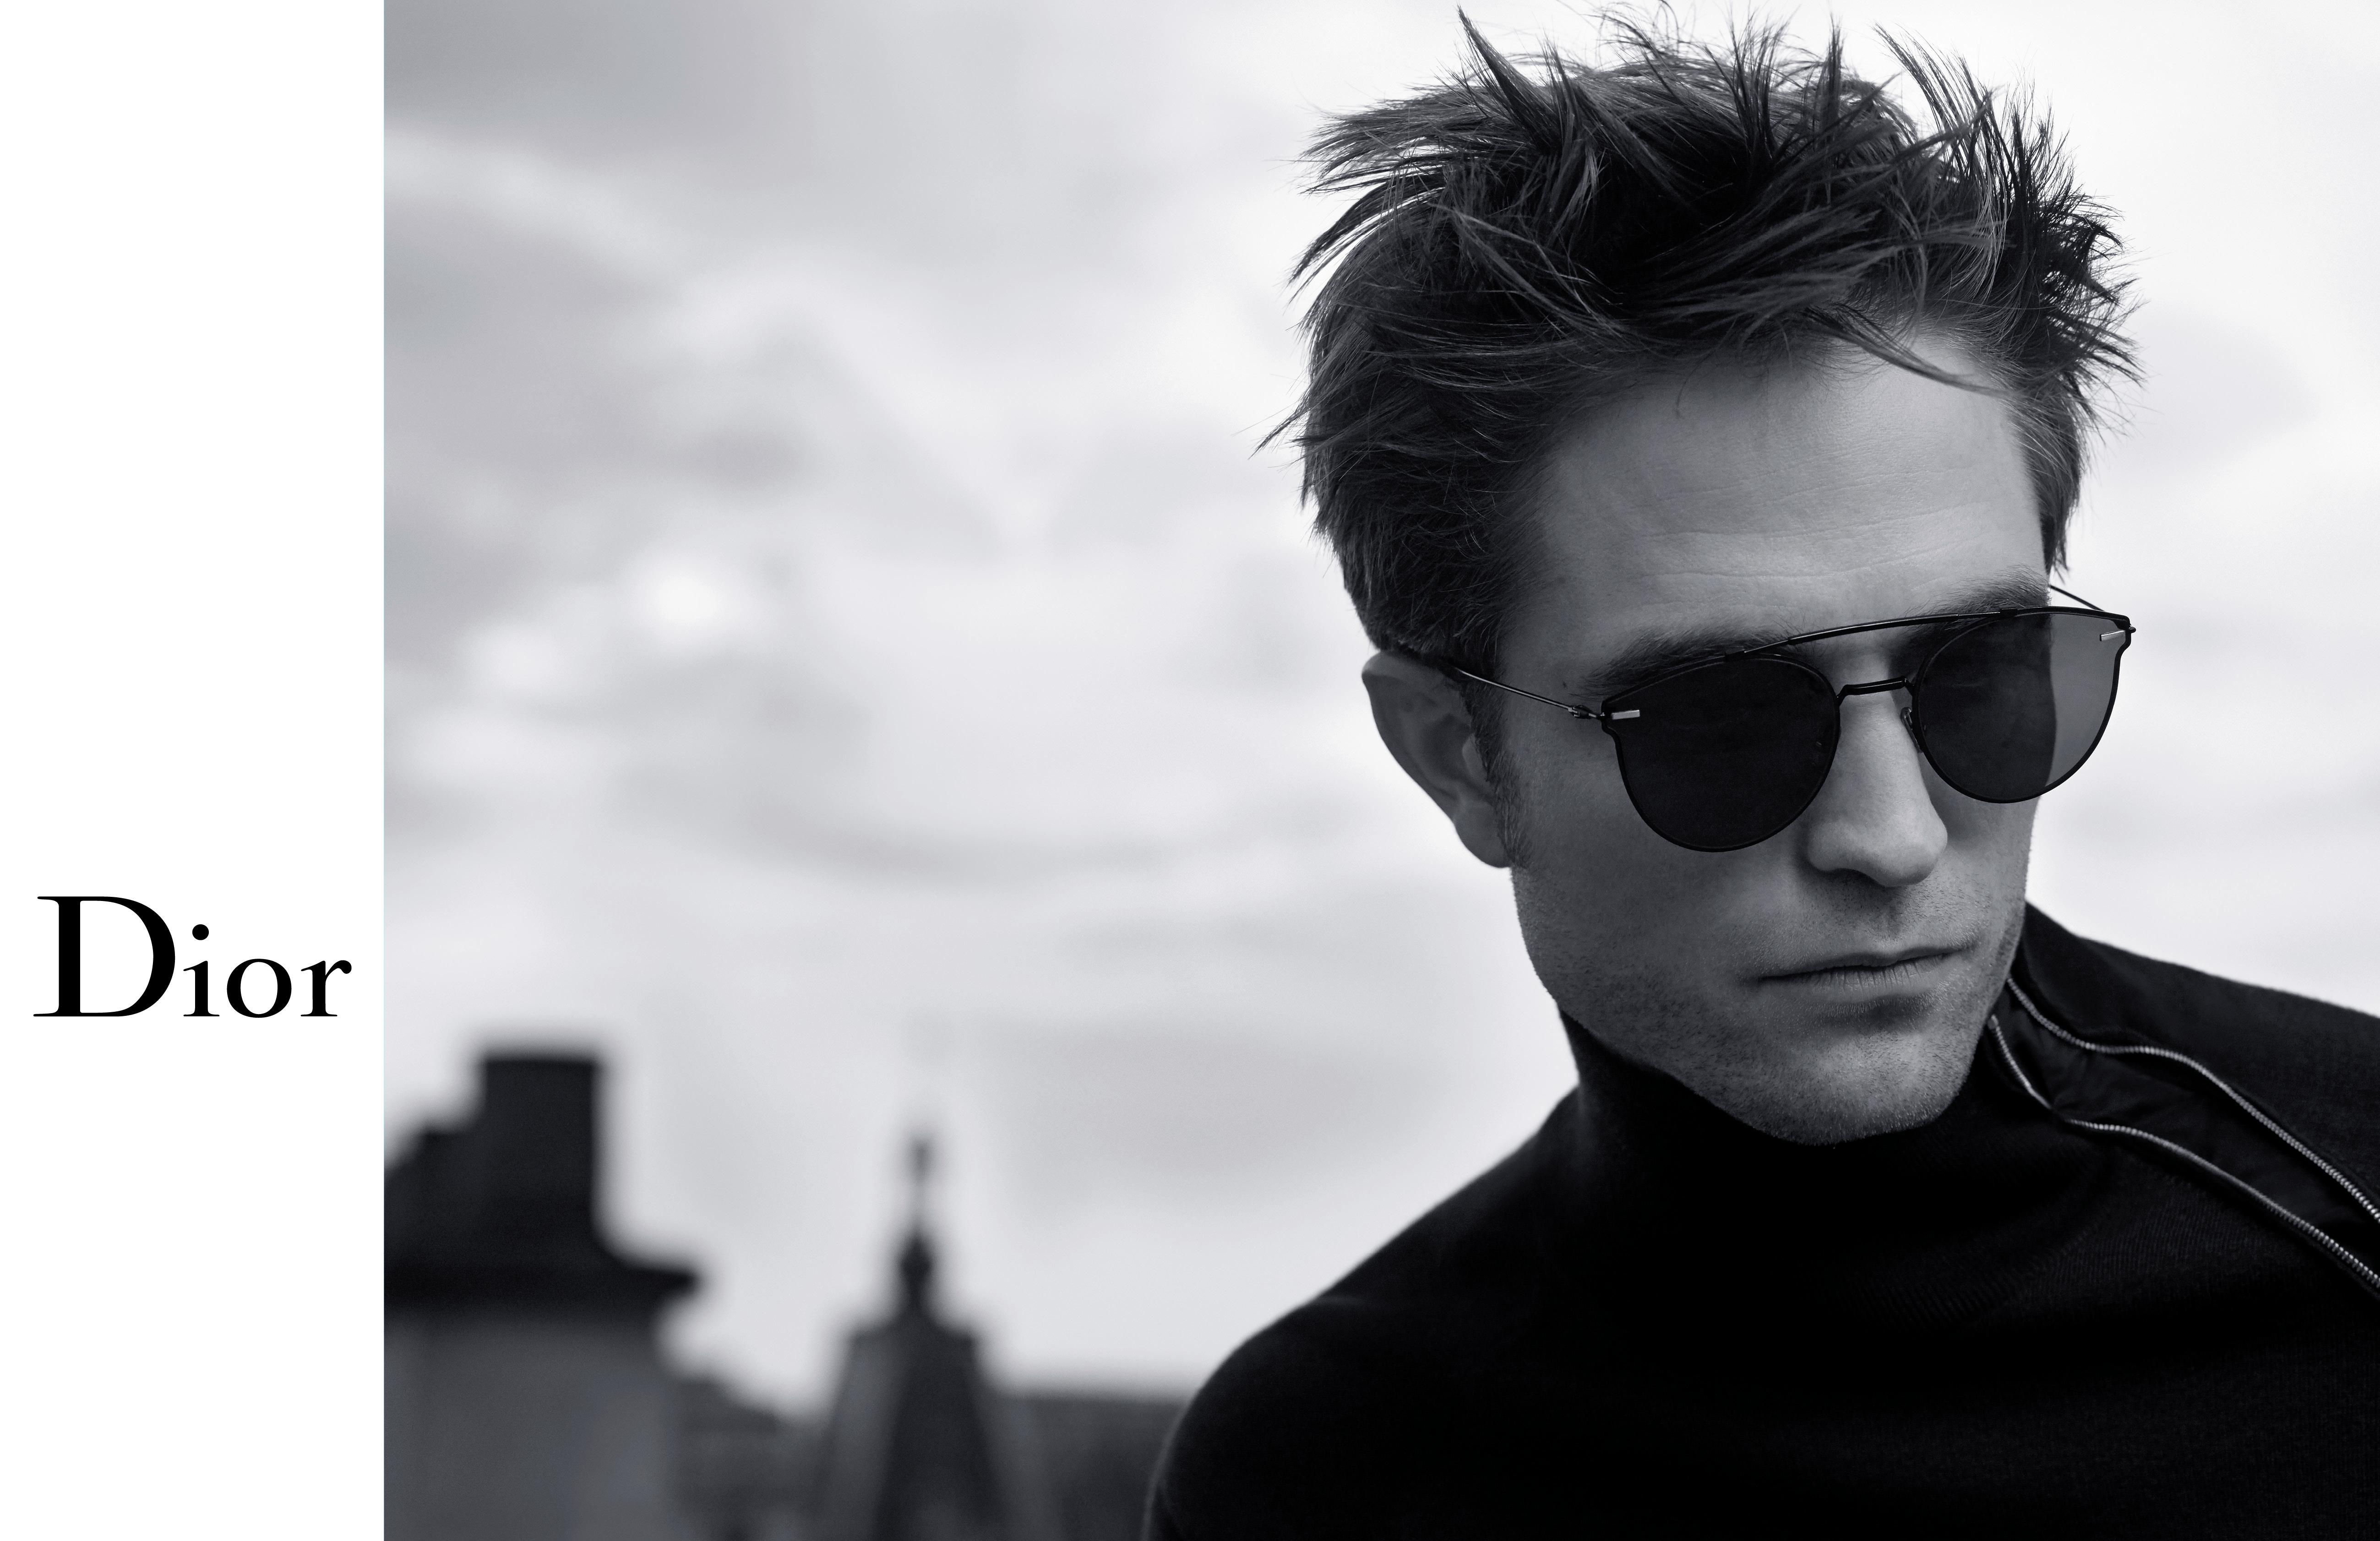 cc3124cf3f77 L attore Robert Pattinson è protagonista della nuova campagna Dior Homme ed  è stato fotografato a Parigi da Karl Lagerfeld.